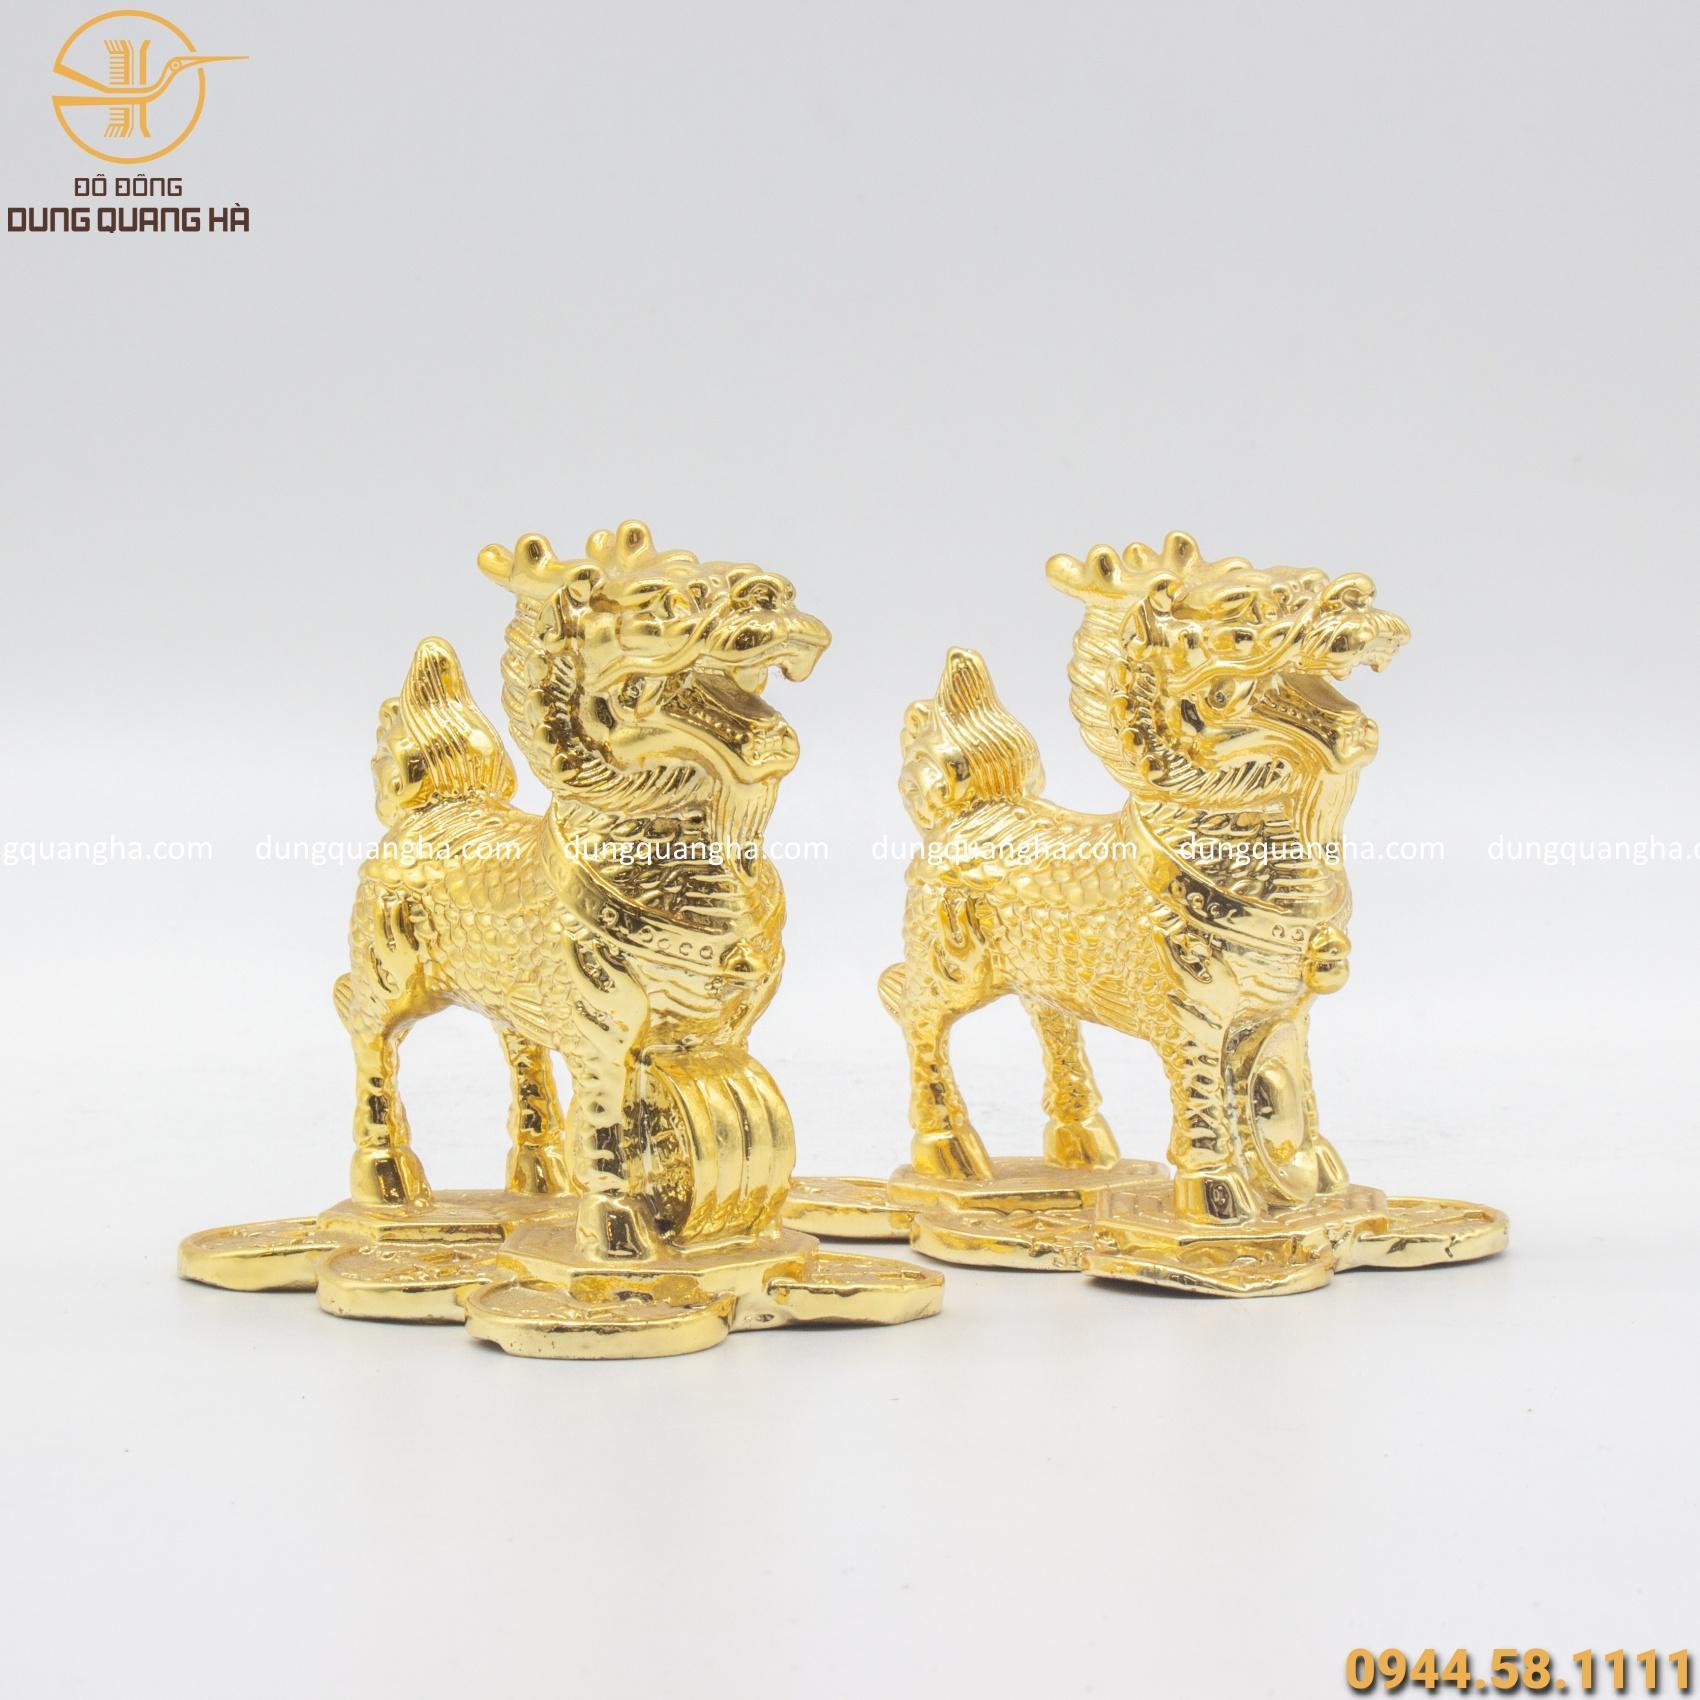 Kỳ Lân phong thủy để bàn bằng đồng mạ vàng 24k độc đáo